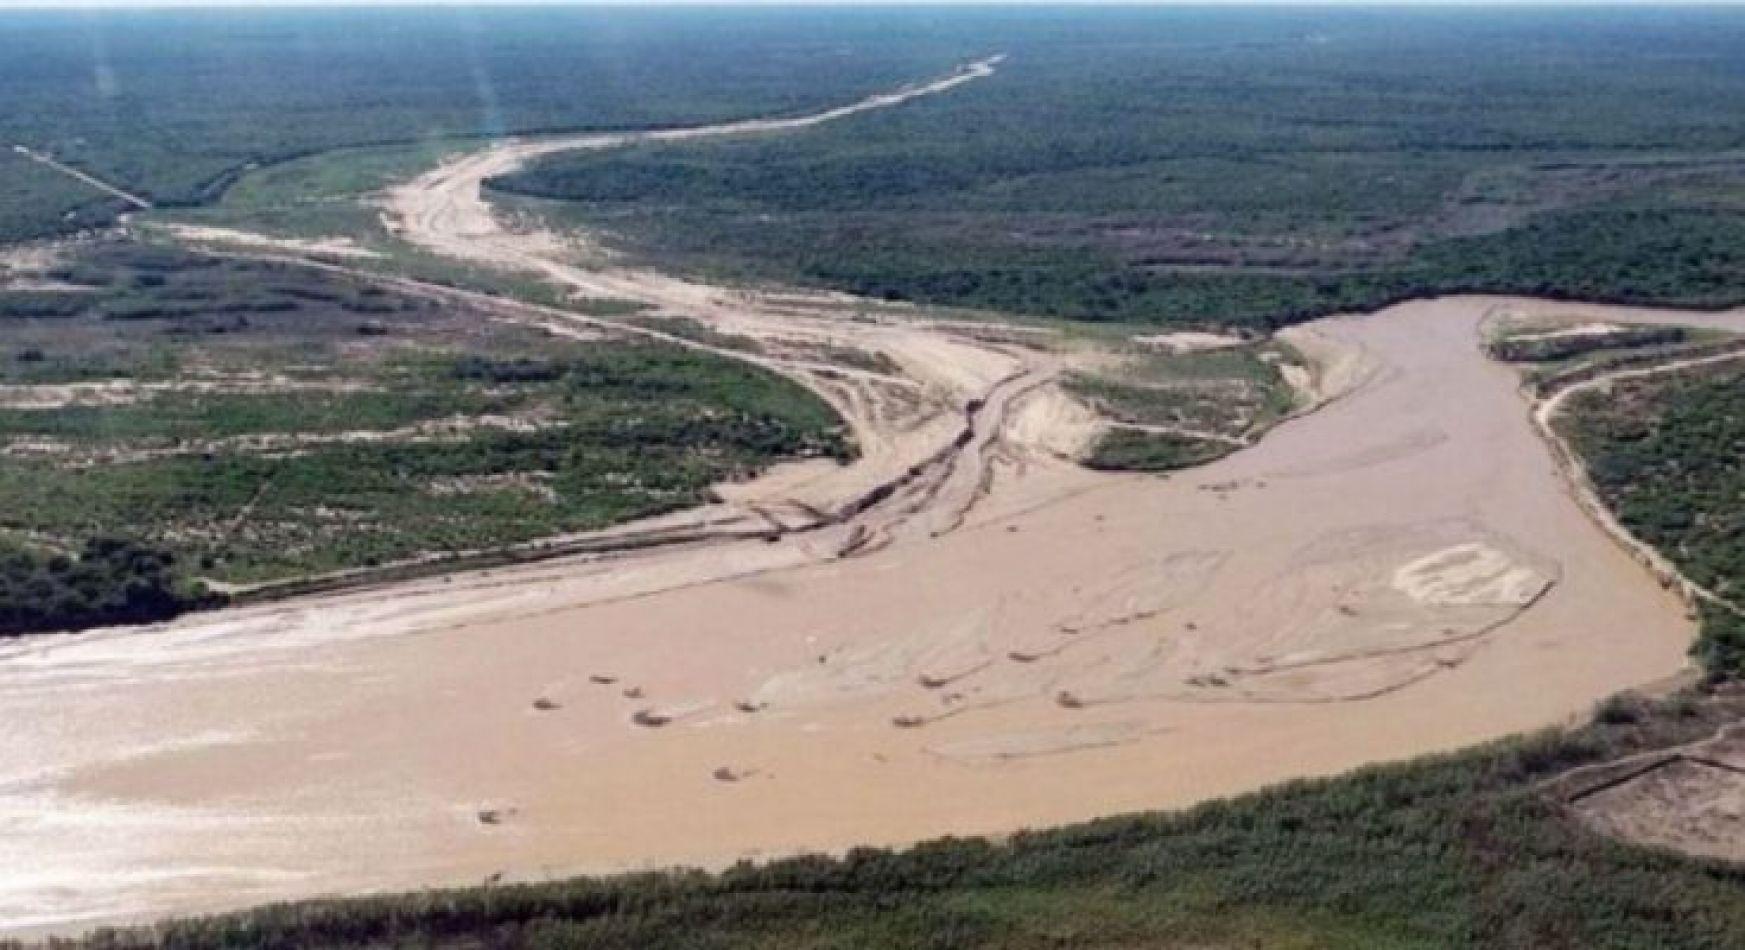 Un pescador intentó cruzar nadando el río Pilcomayo y nunca salió